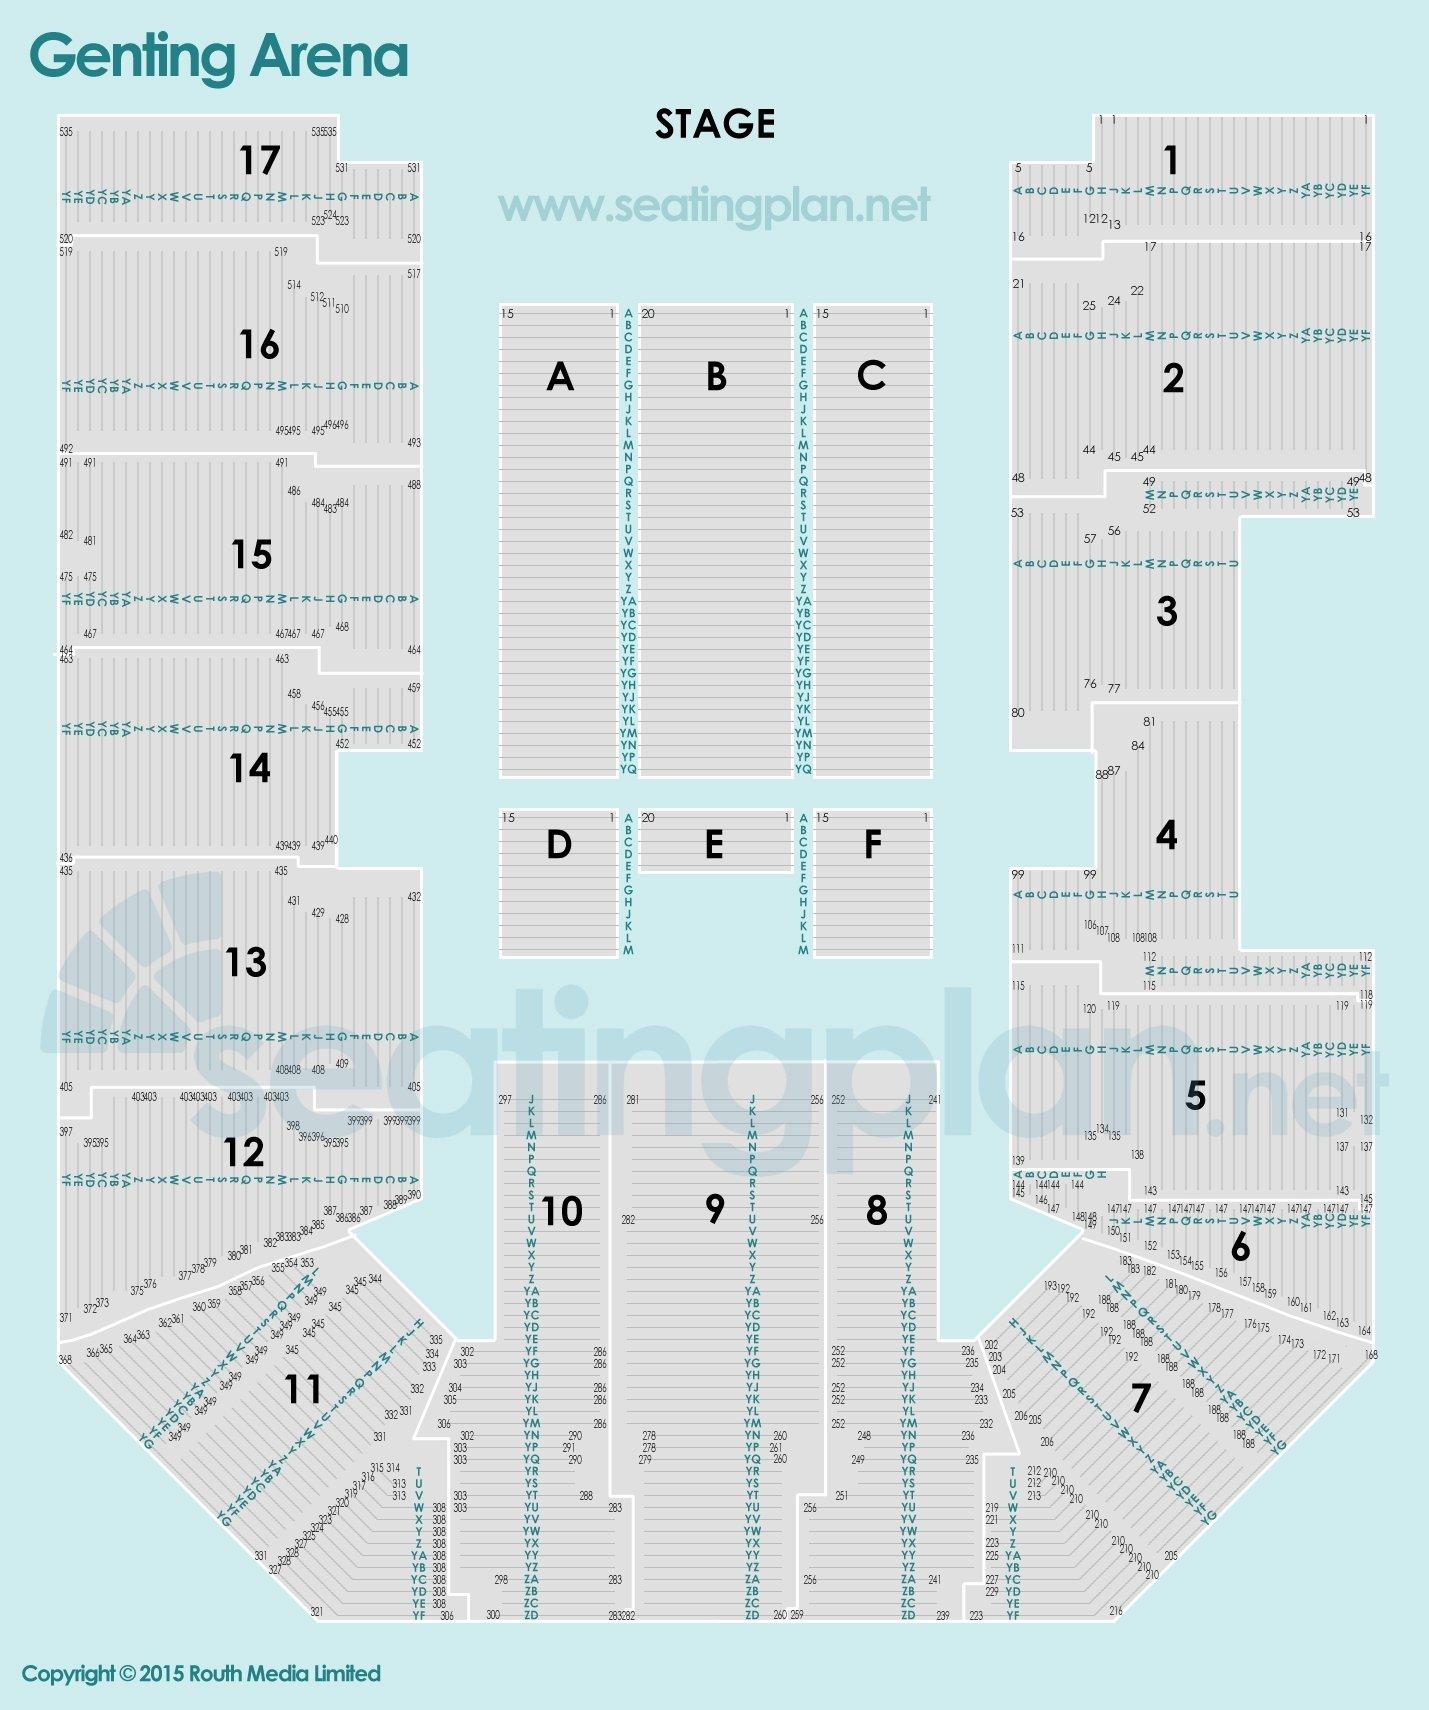 Genting Arena Seating Plan